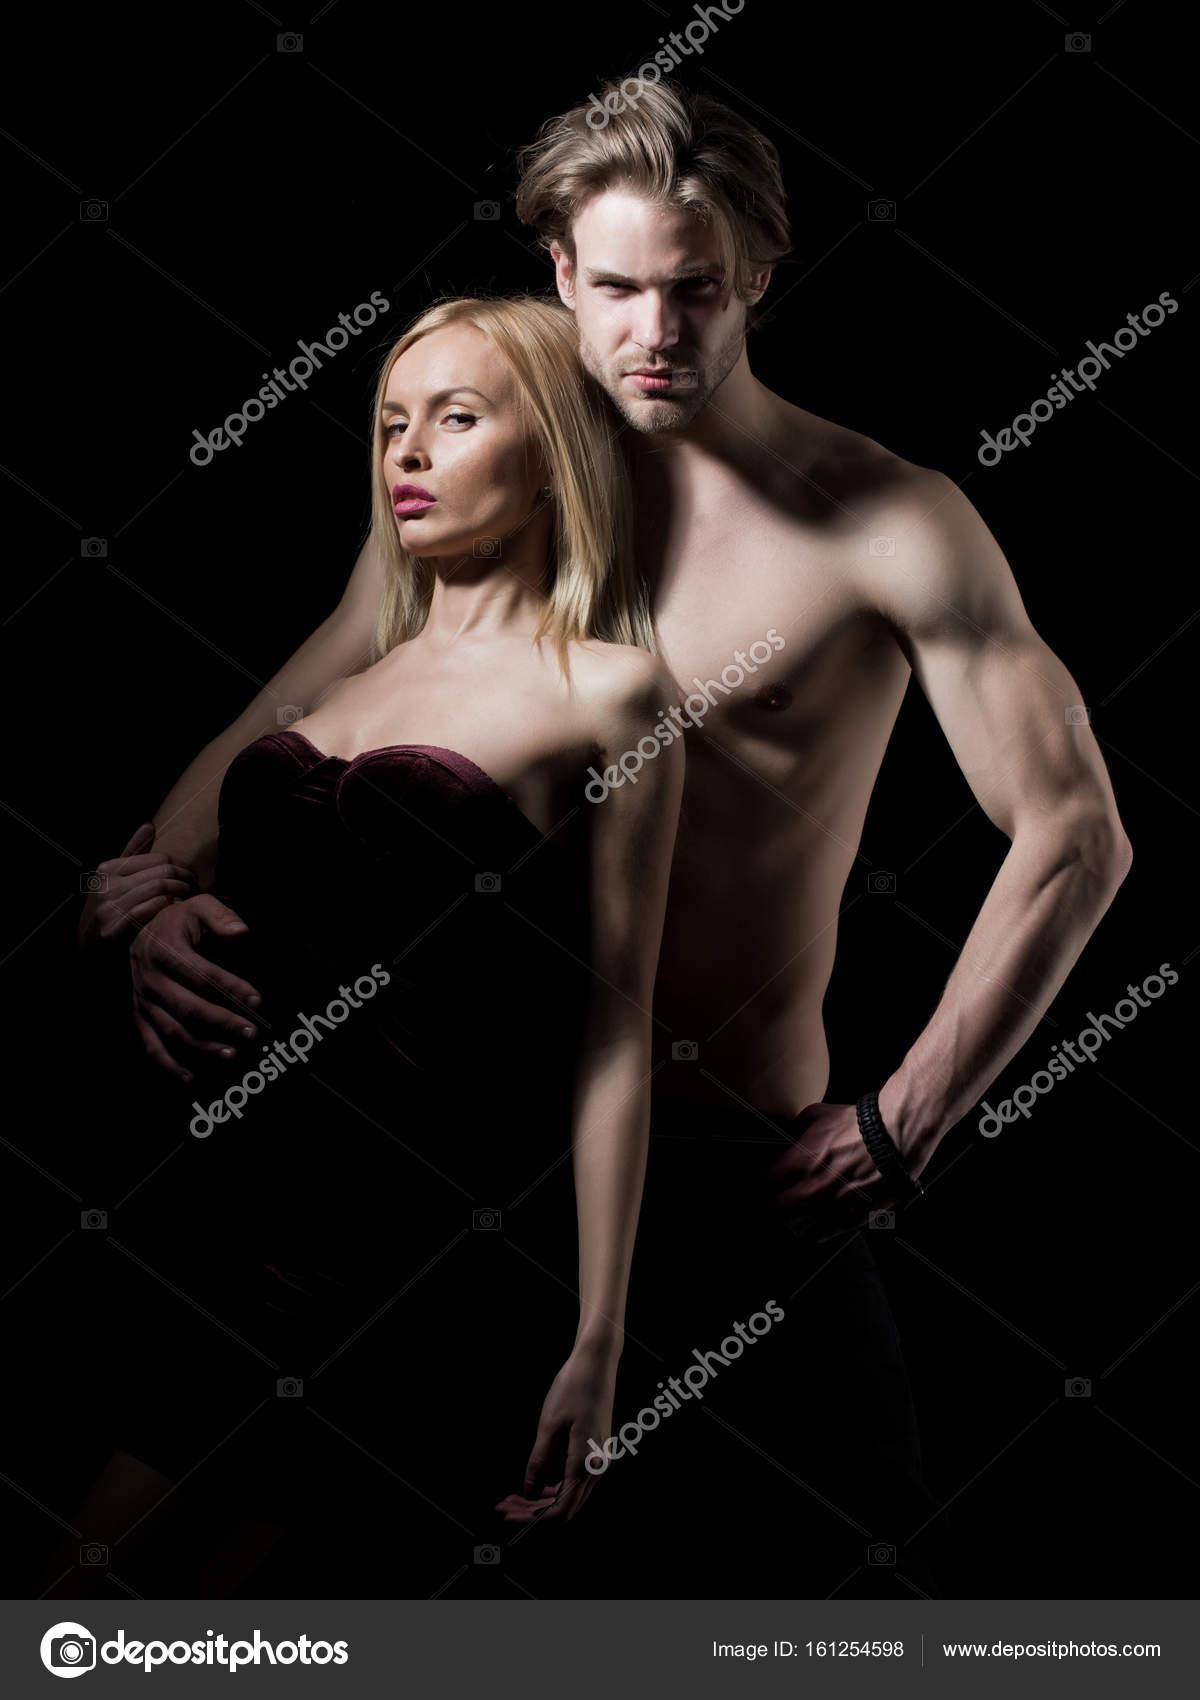 Gay mm violent forced porn video